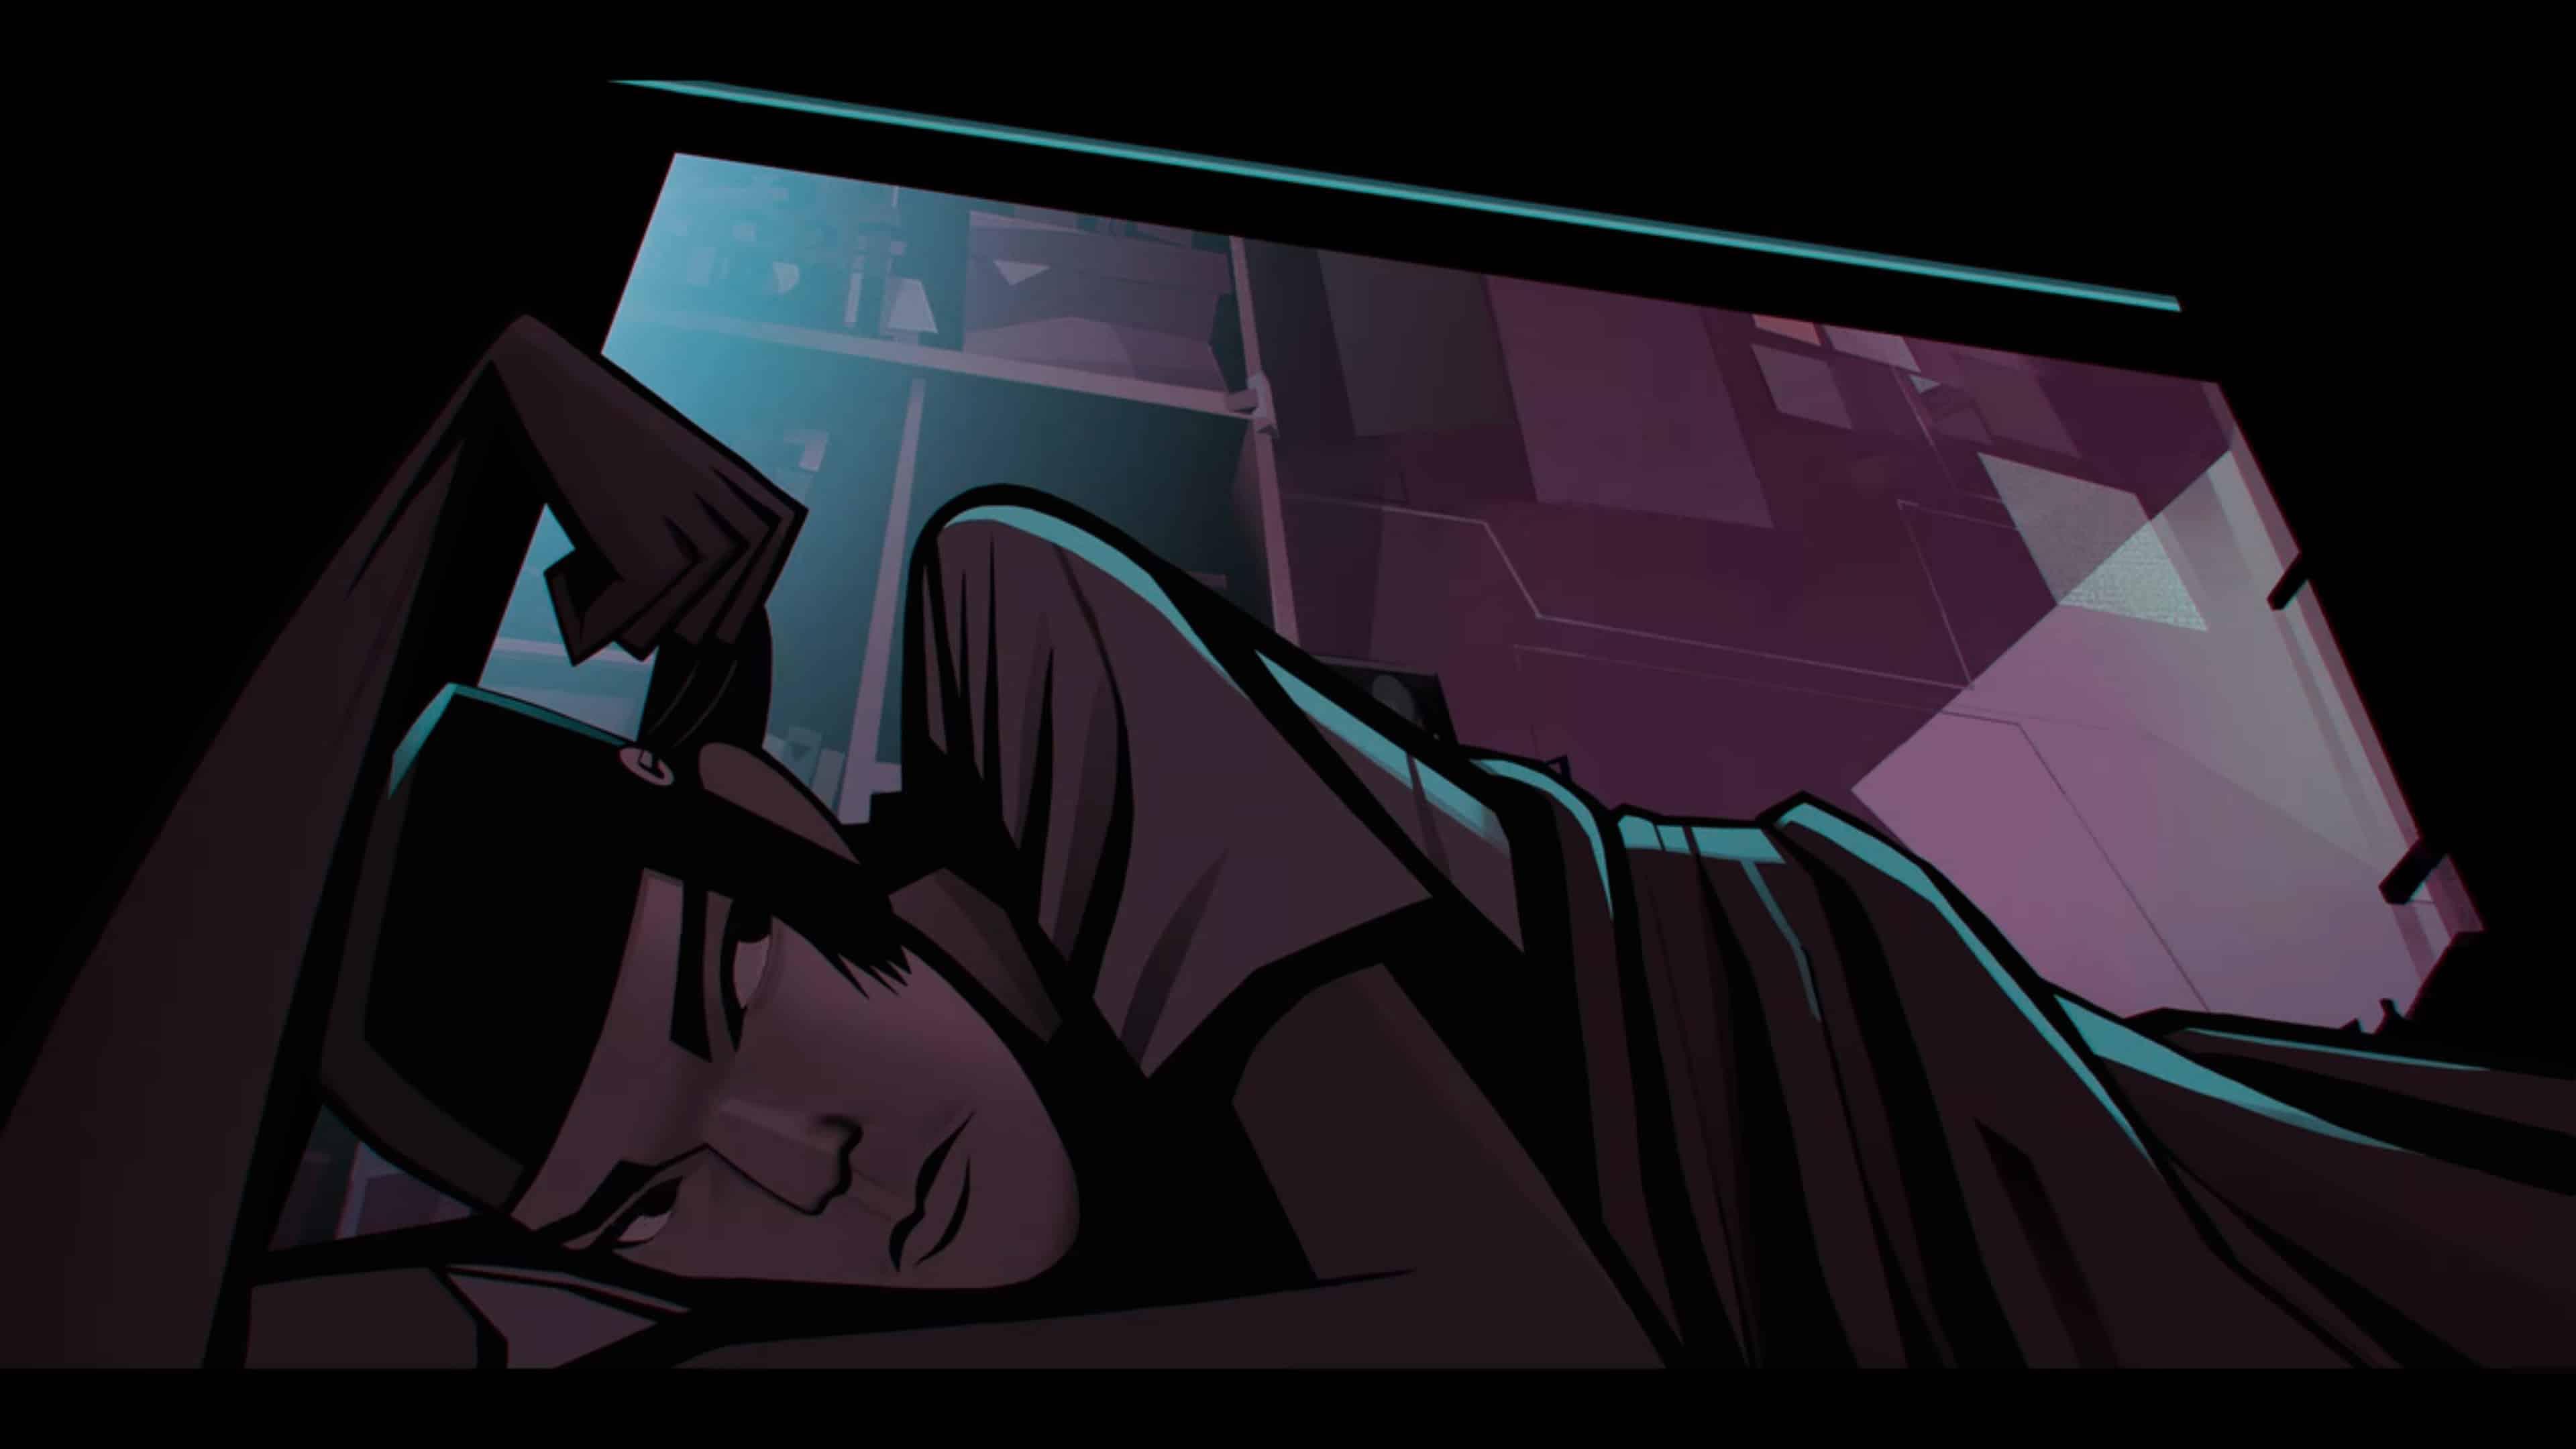 Sedgewick (Archie Madekwe) pretending he is asleep